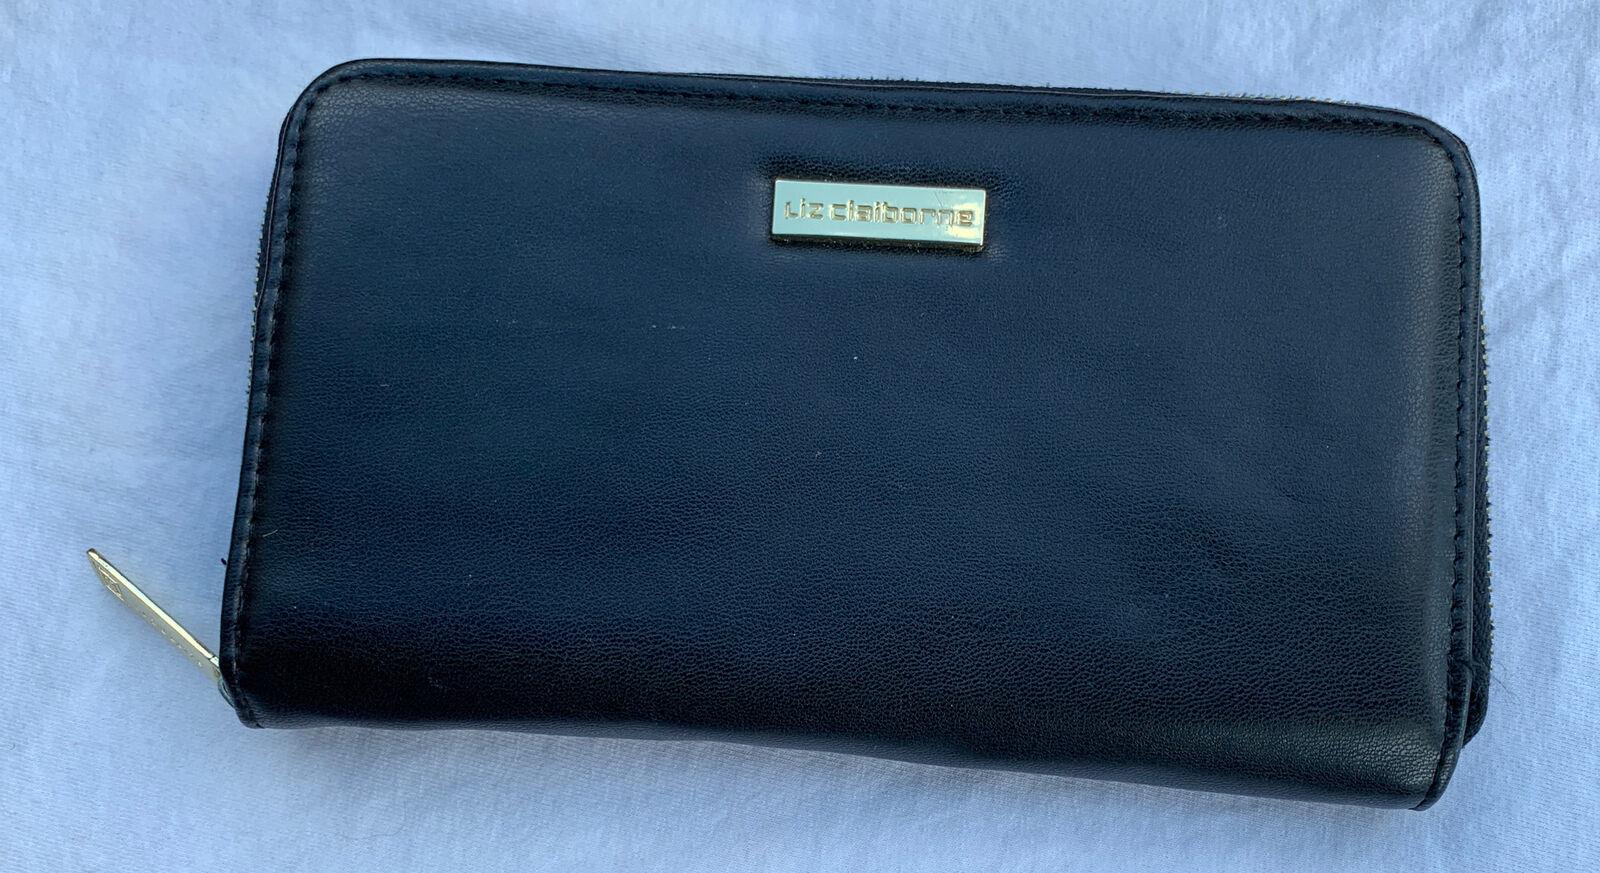 Liz Claiborne Women's Zip-Around Black Wallet Faux Leather